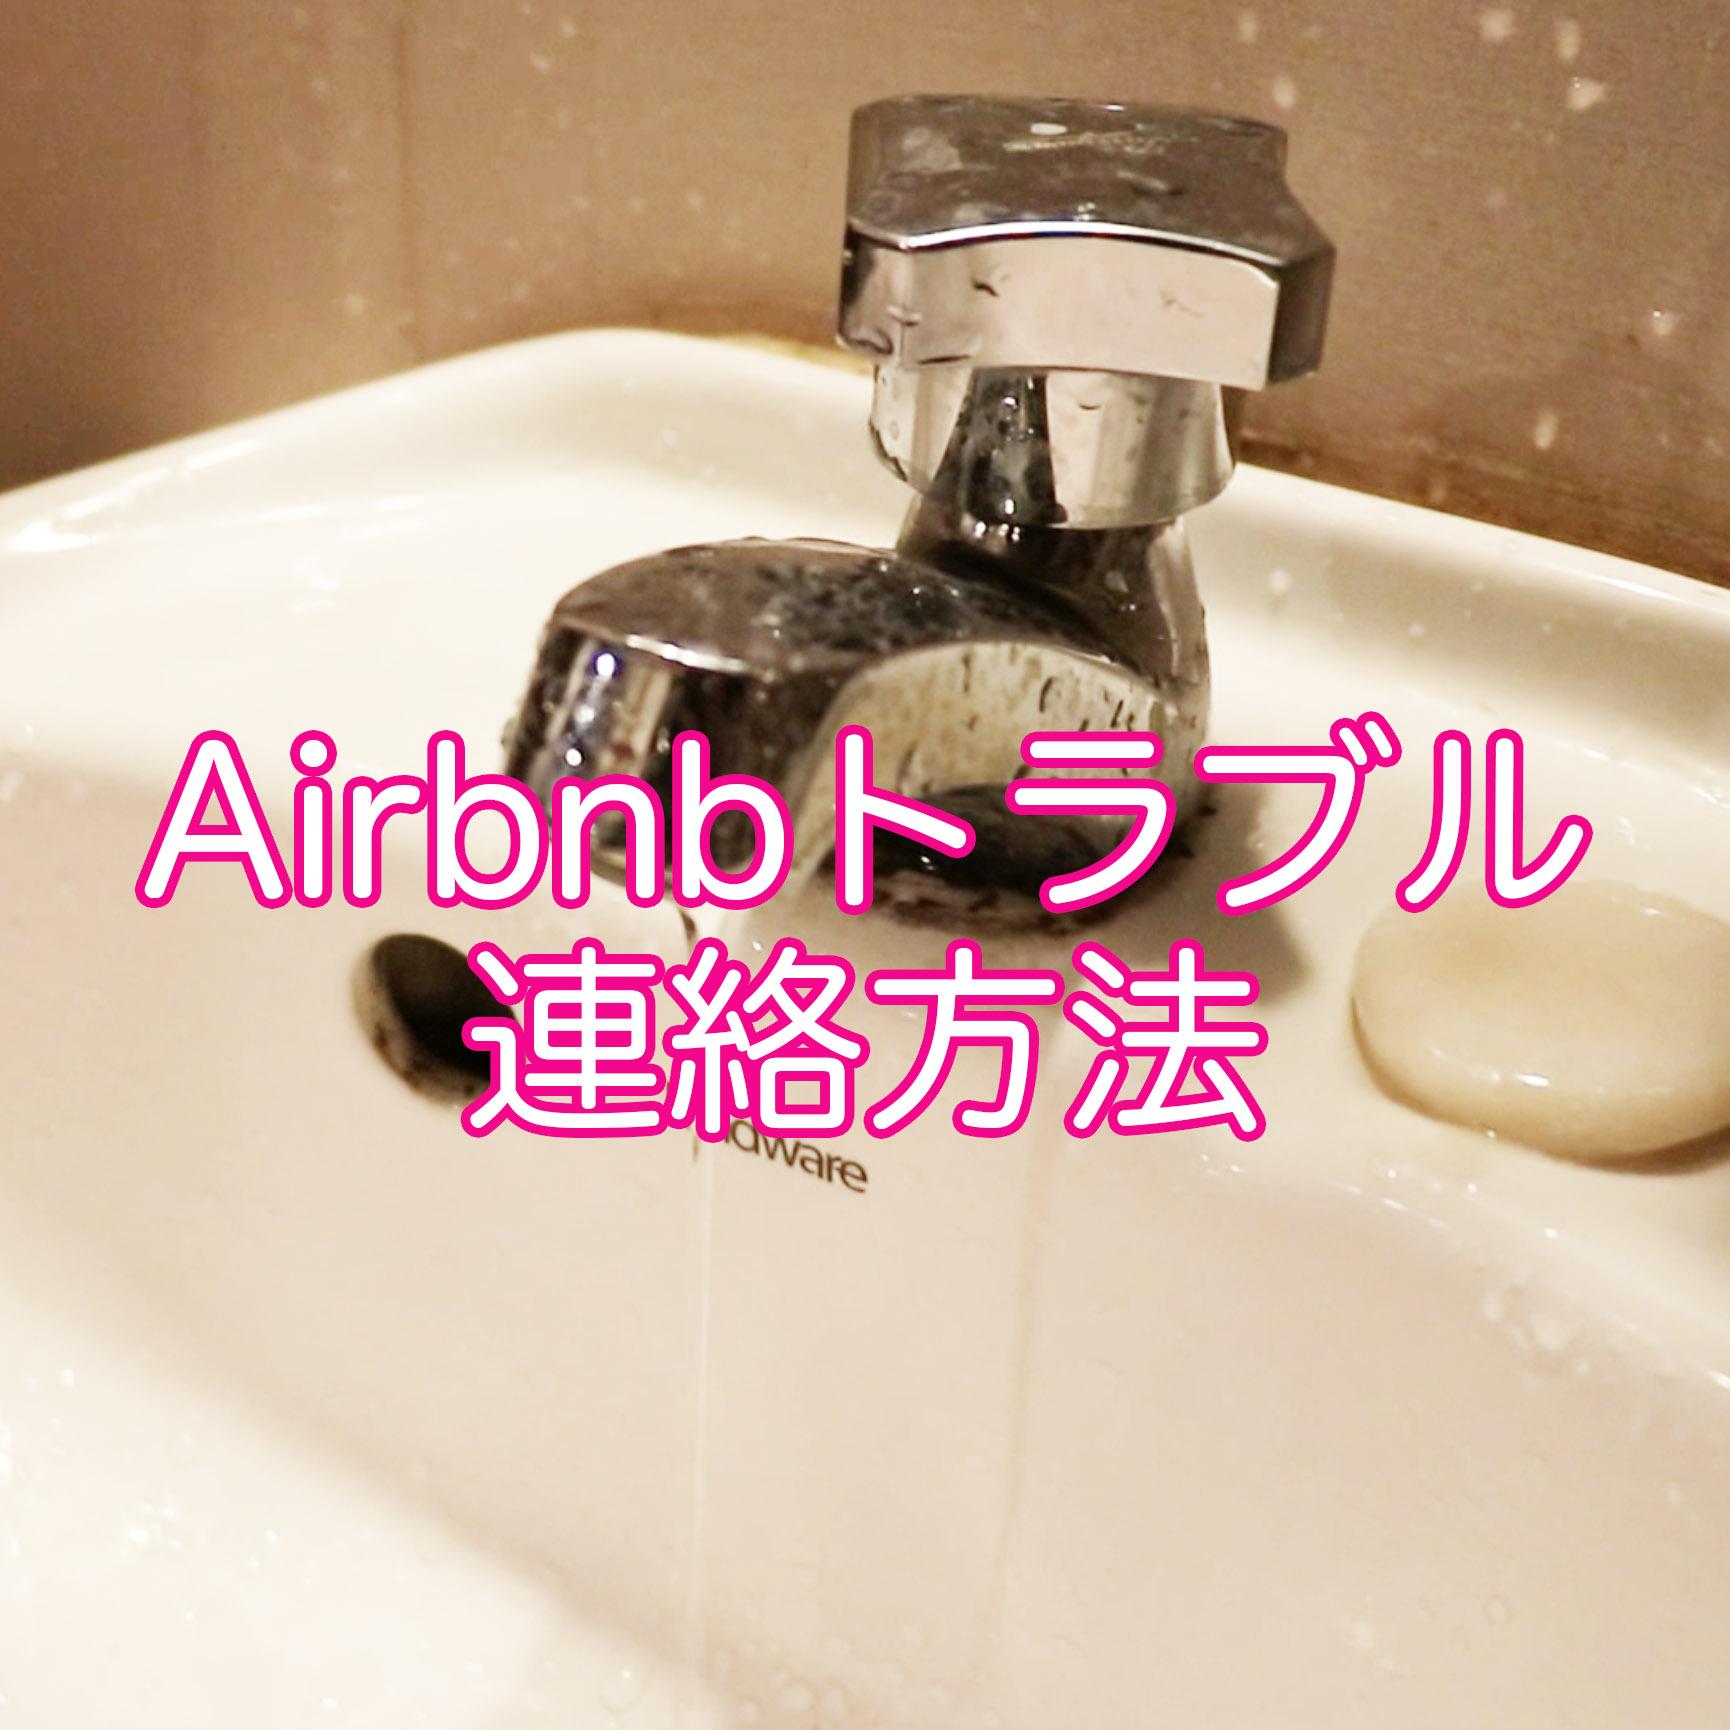 Airbnb滞在中トラブルに遭遇した時の対処法